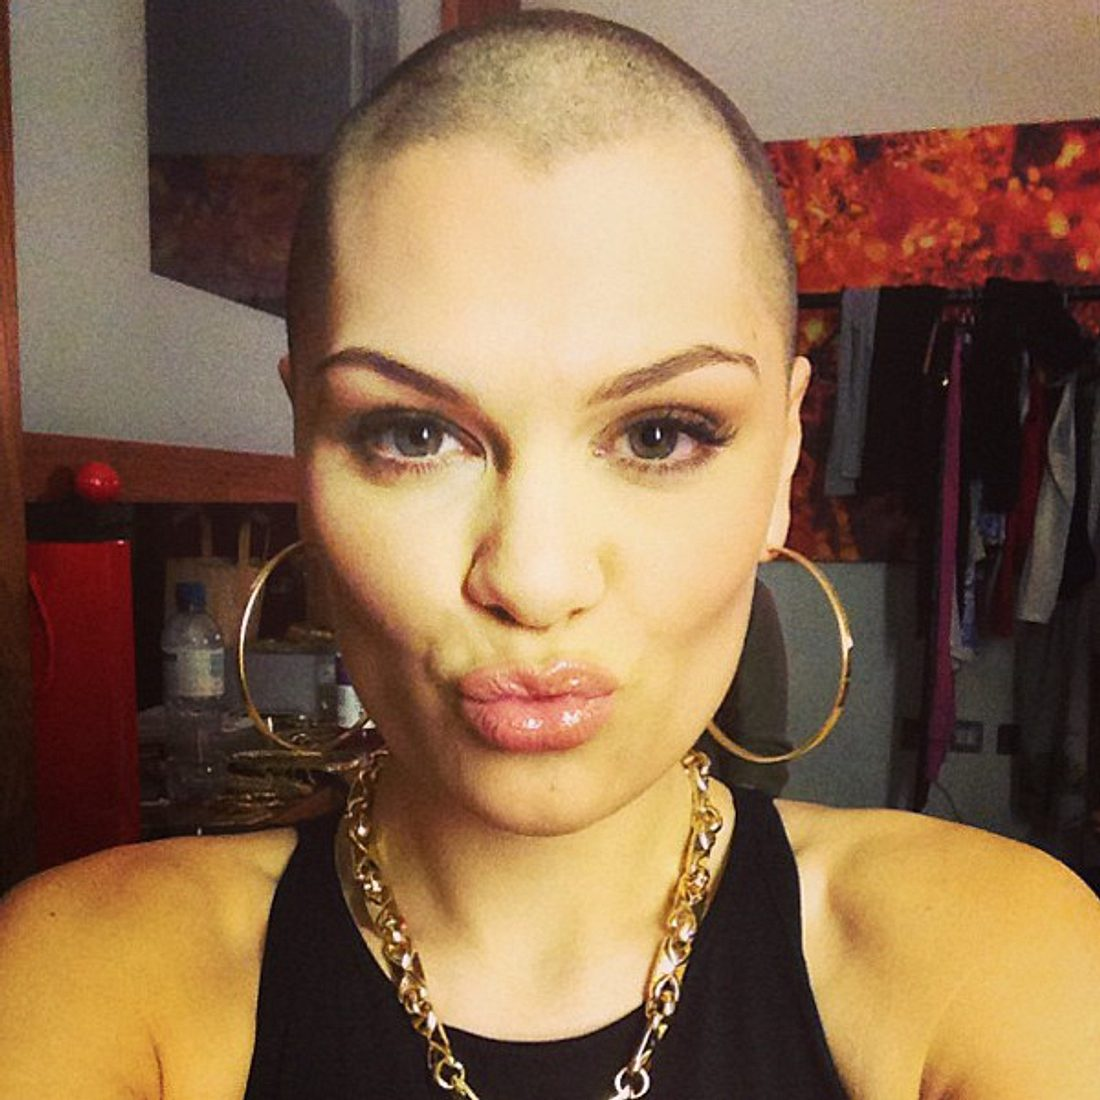 Jessie J ließ sich für den guten Zweck eine Glatze schneiden